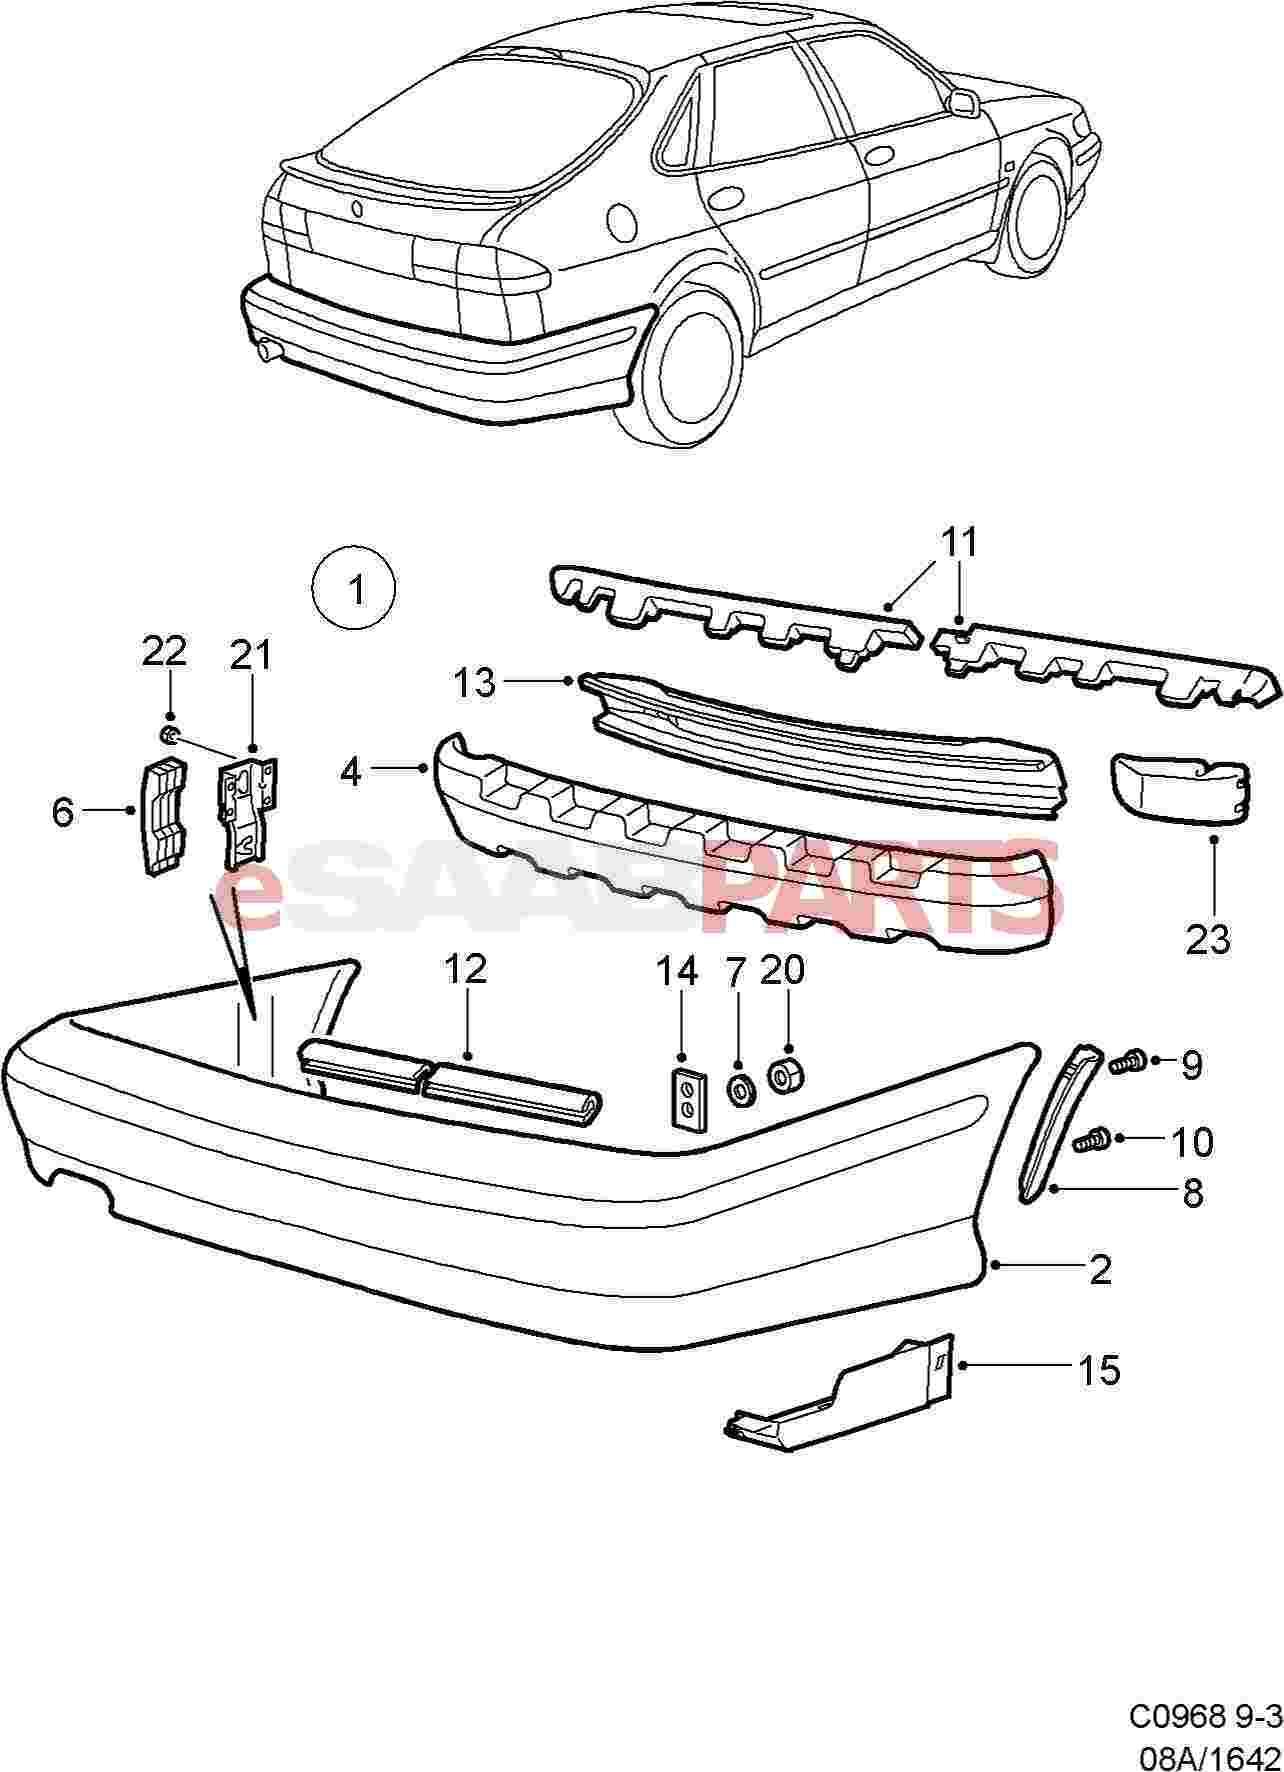 4481834     SAAB    Pop Rivet     Saab    Parts from eSaabParts